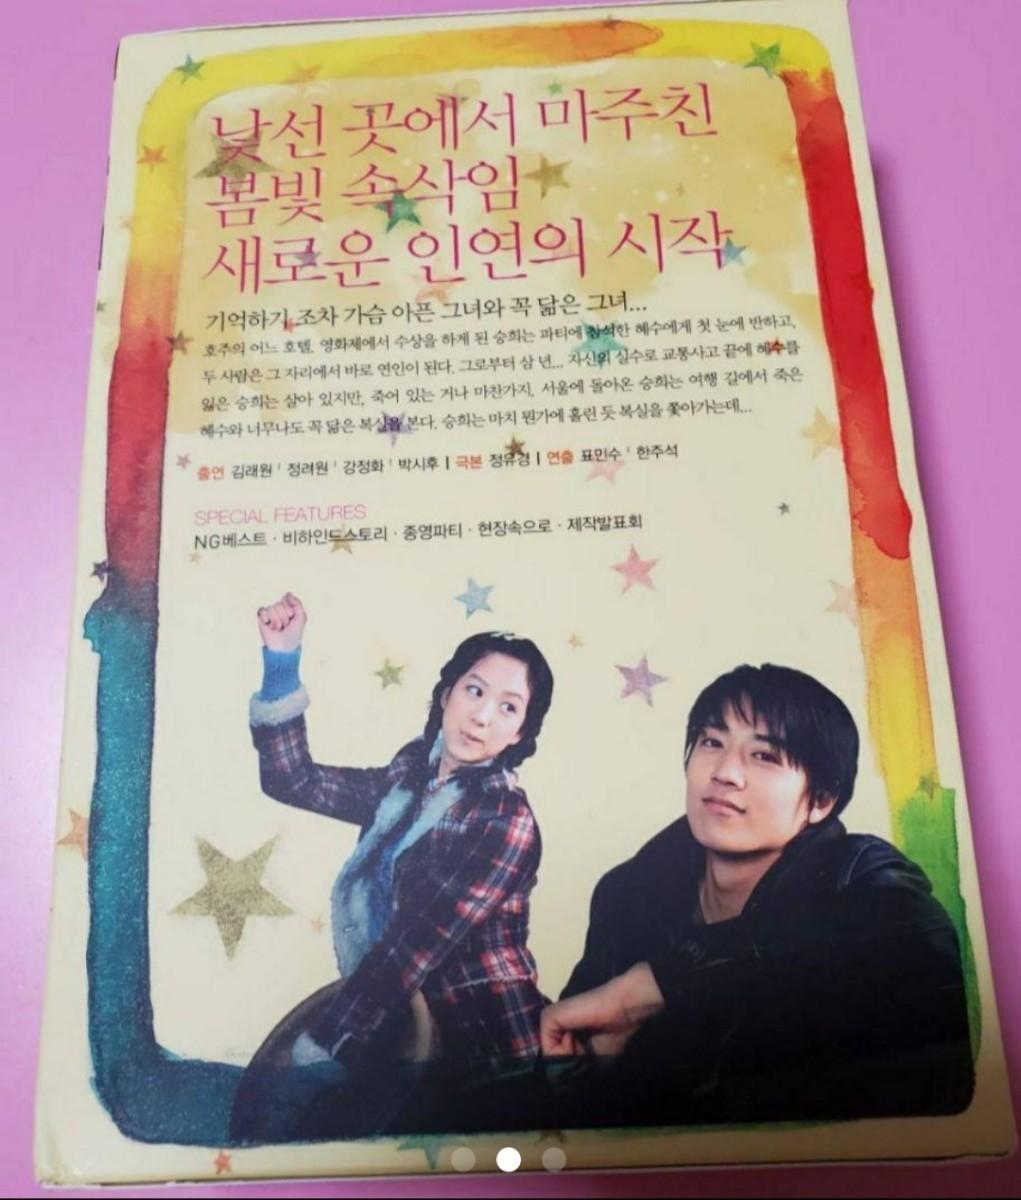 ☆韓国ドラマ☆君はどの星から来たの 韓国盤